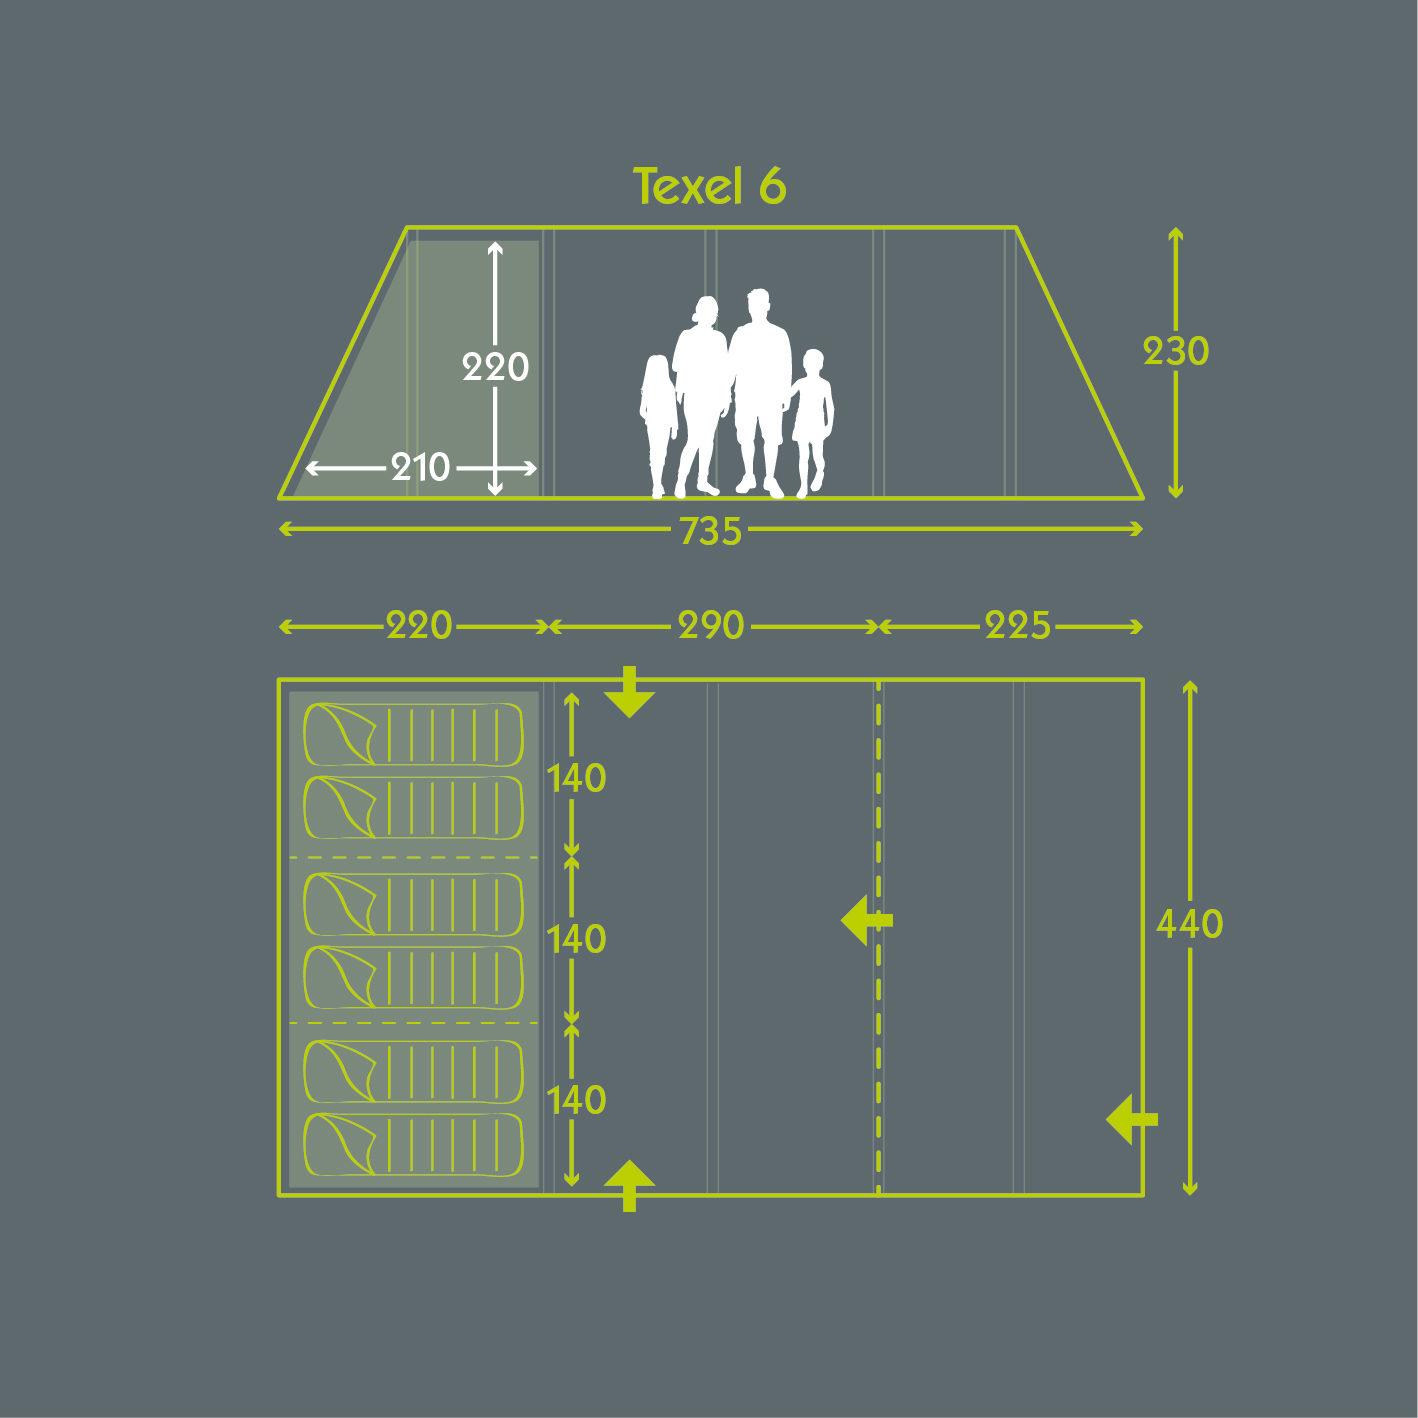 Tent Floor Plan Texel 6